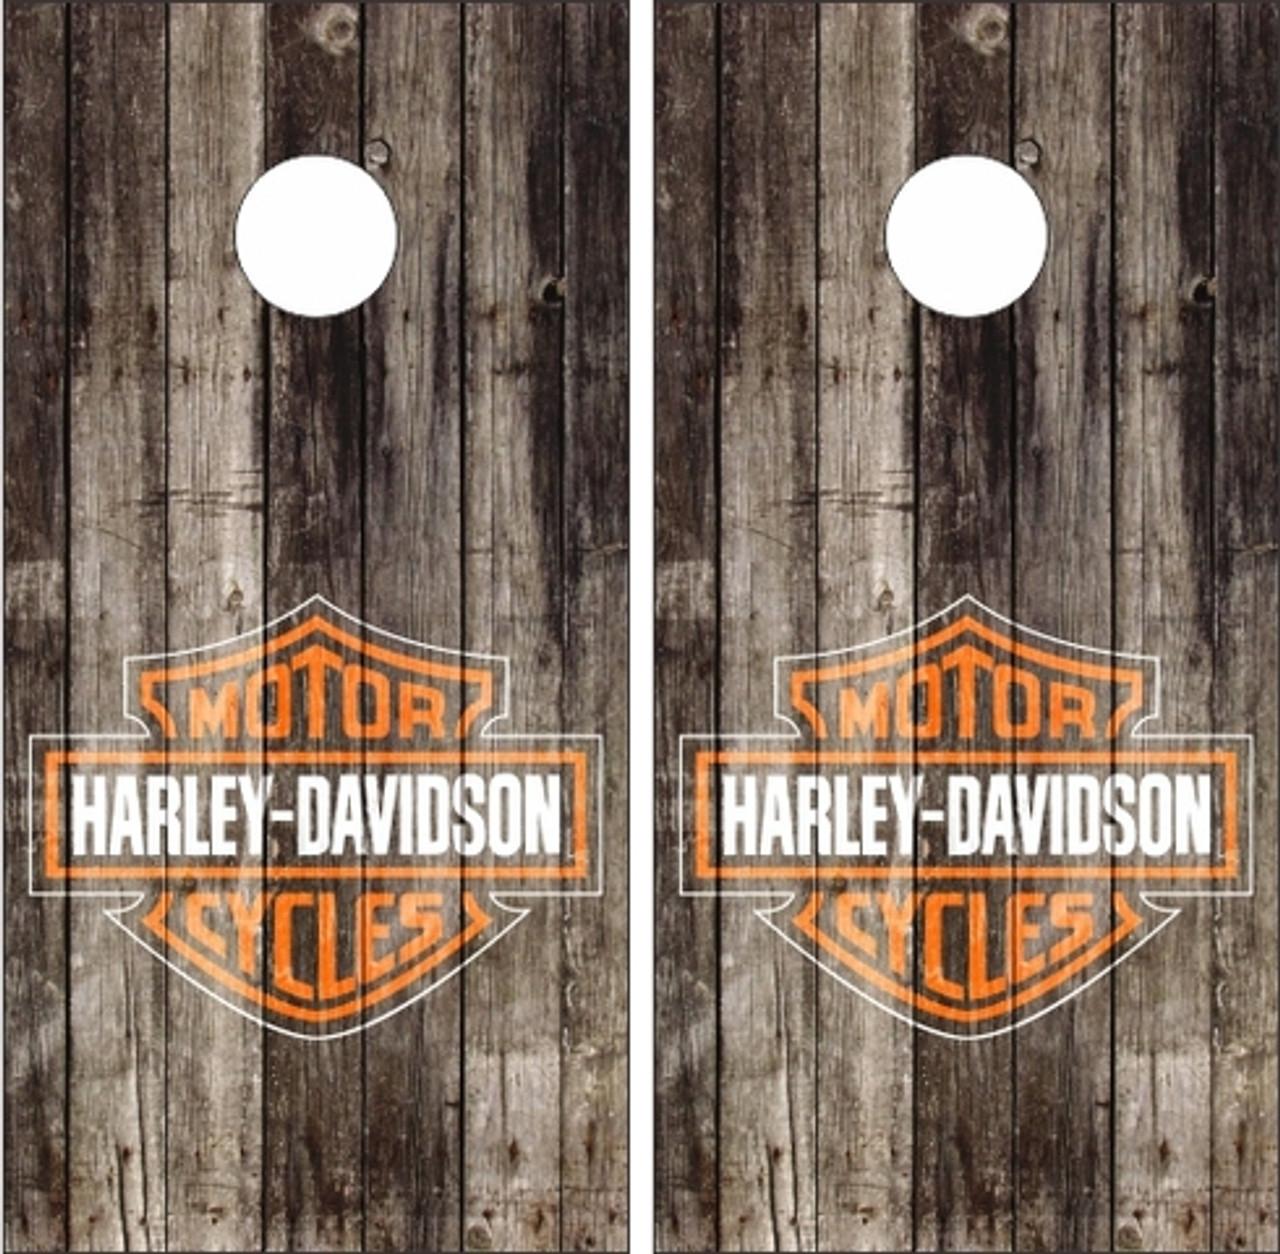 Set of 8 Harley Davidson BLACK /& ORANGE Cornhole Corn Hole Bags FREE SHIPPING!